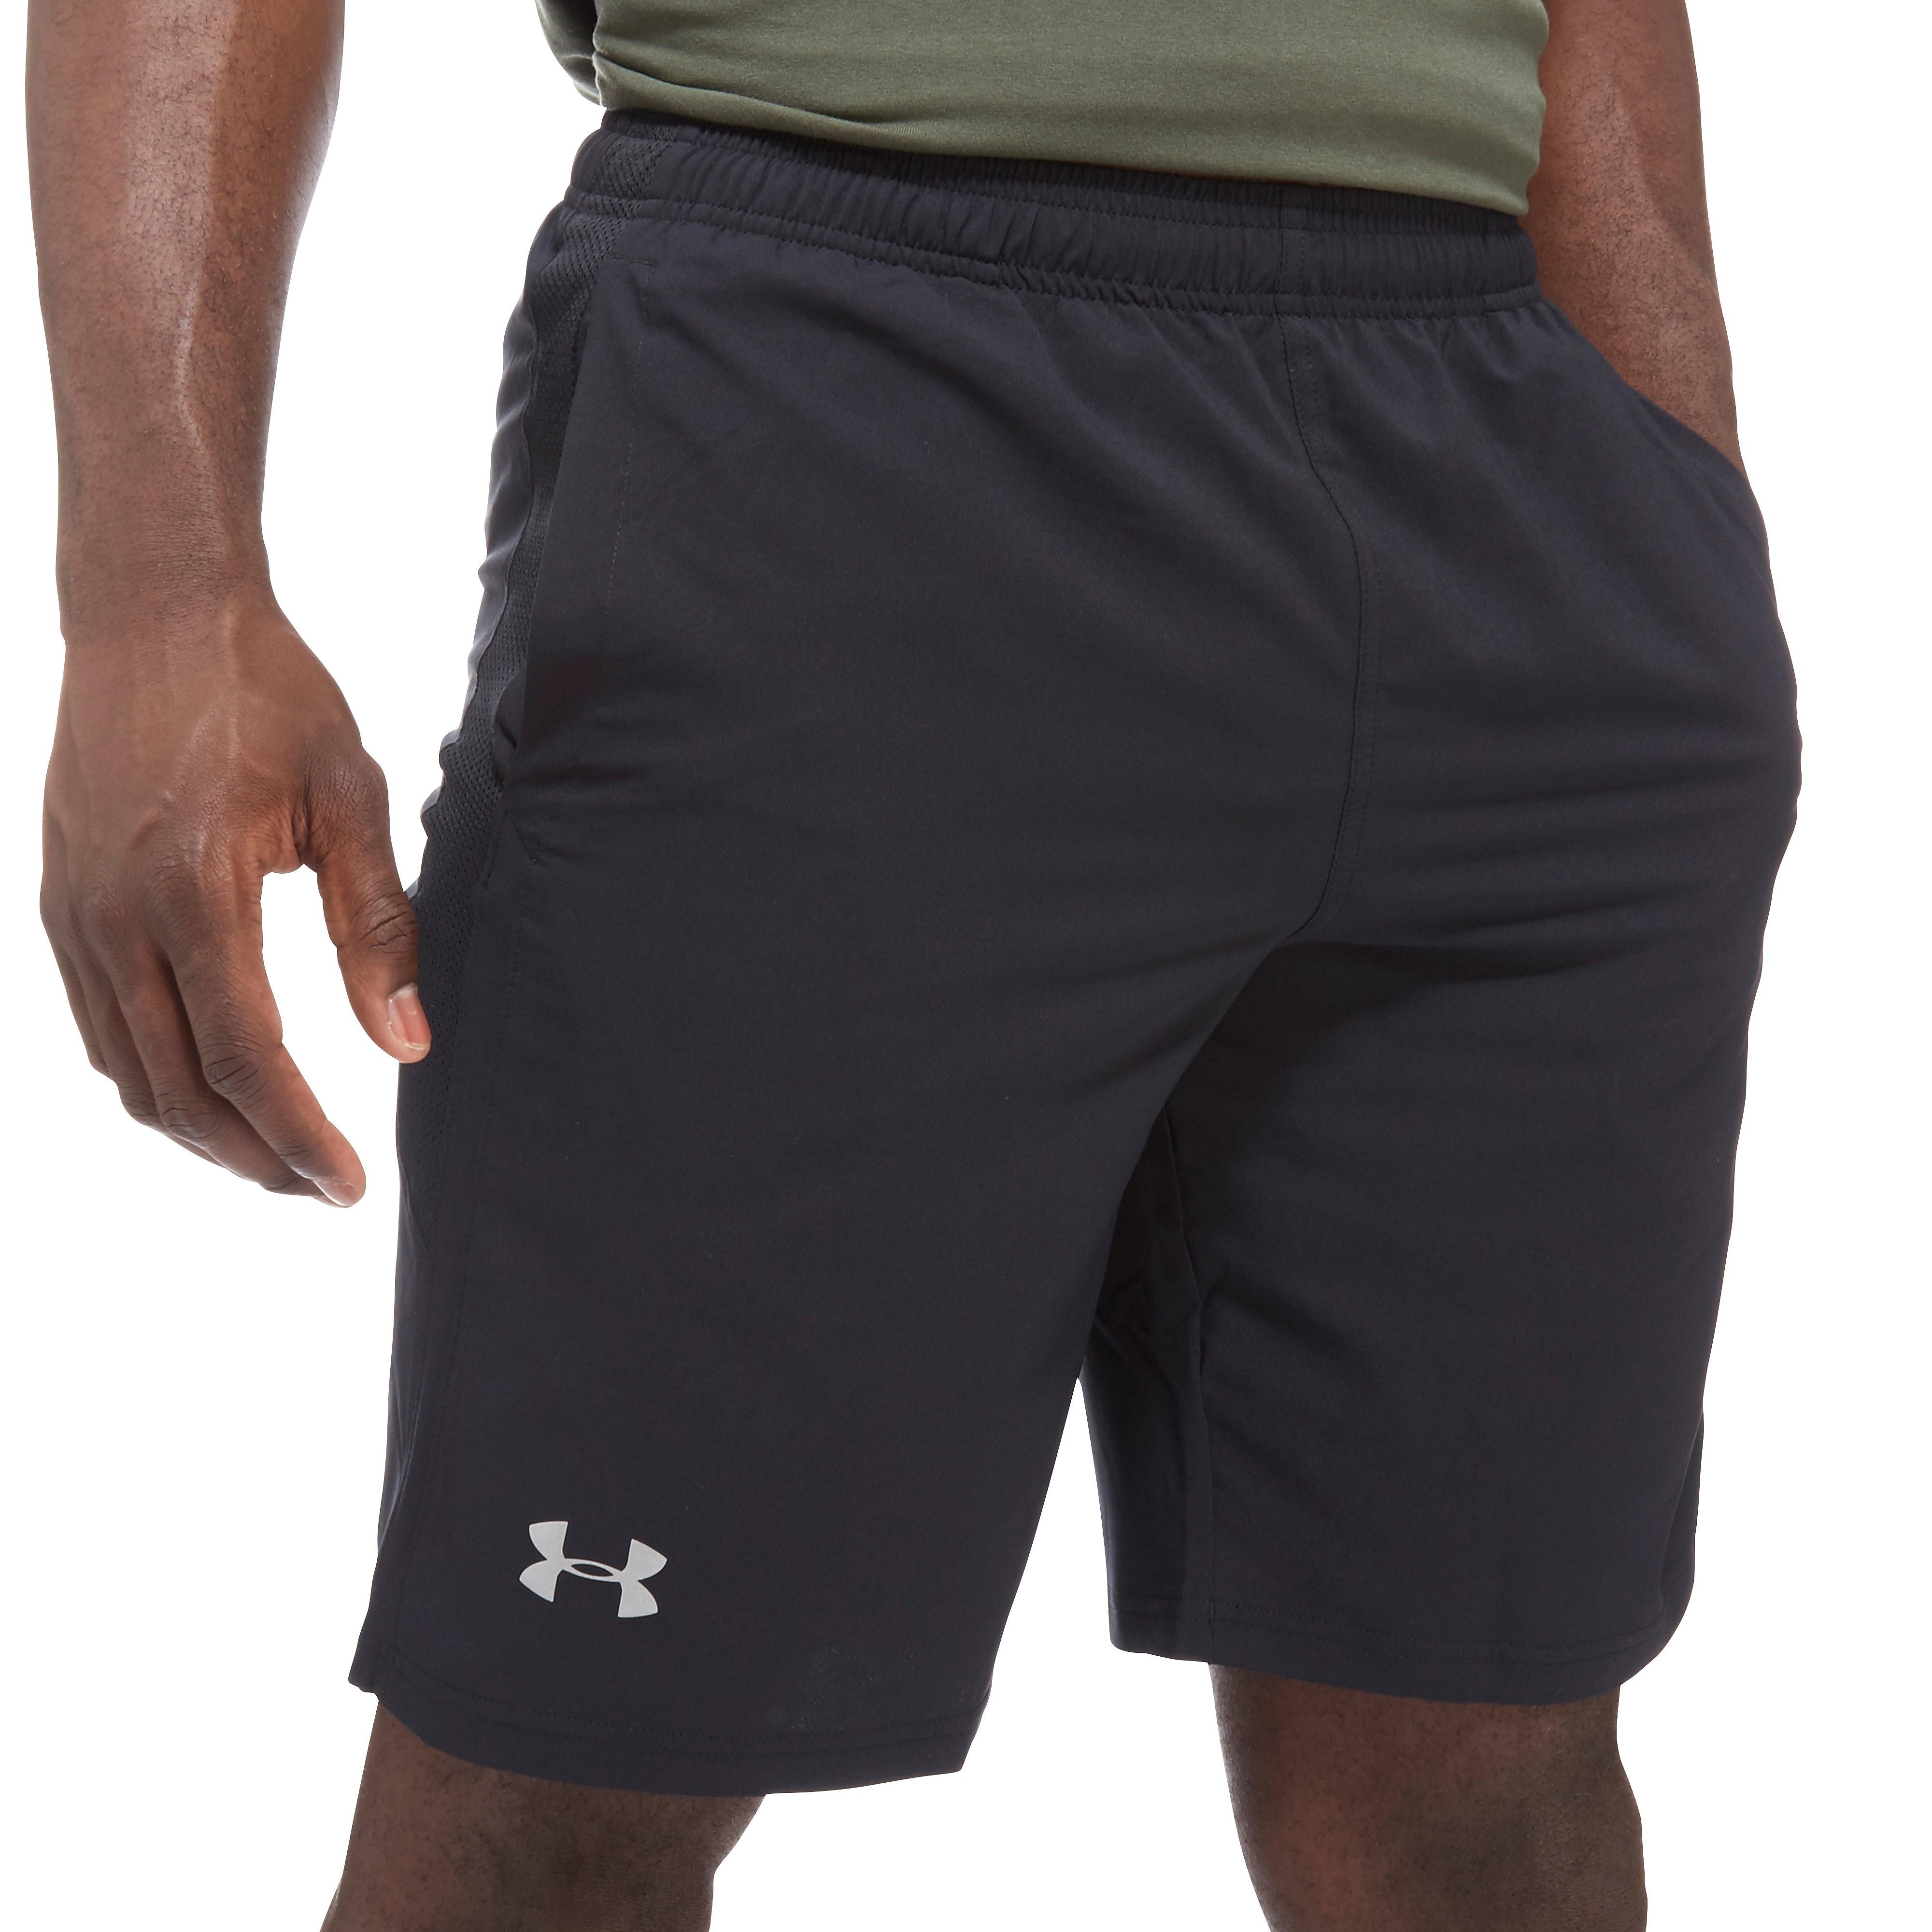 Under Armour Men's Launch Shorts